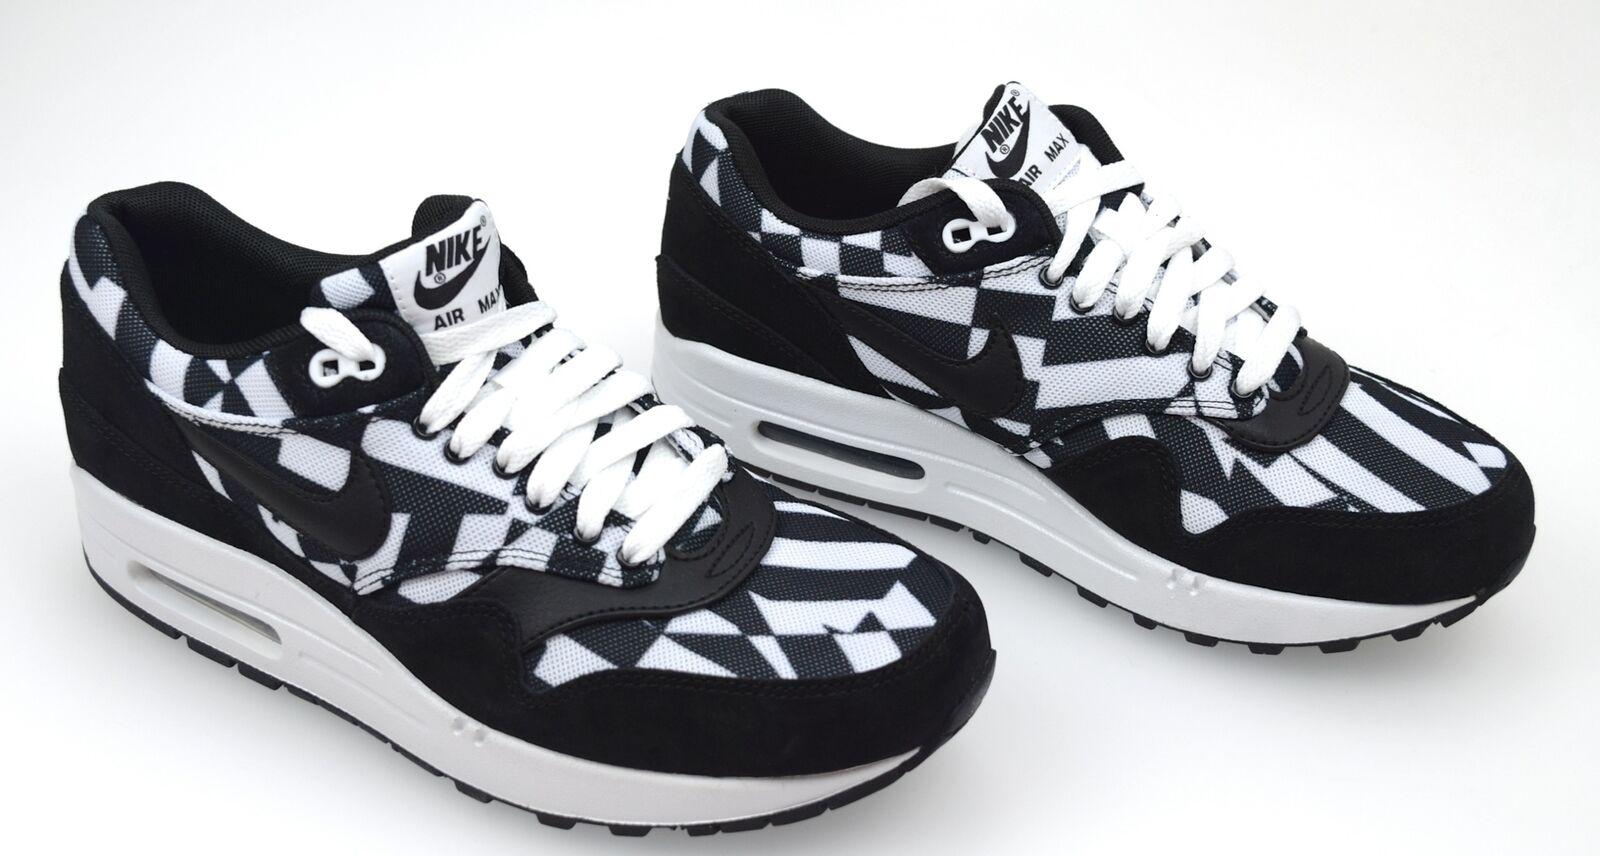 Nike - schuhe gelegenheits - freizeit - - - mann air max 1 gpx 684174 100 fc0dbe